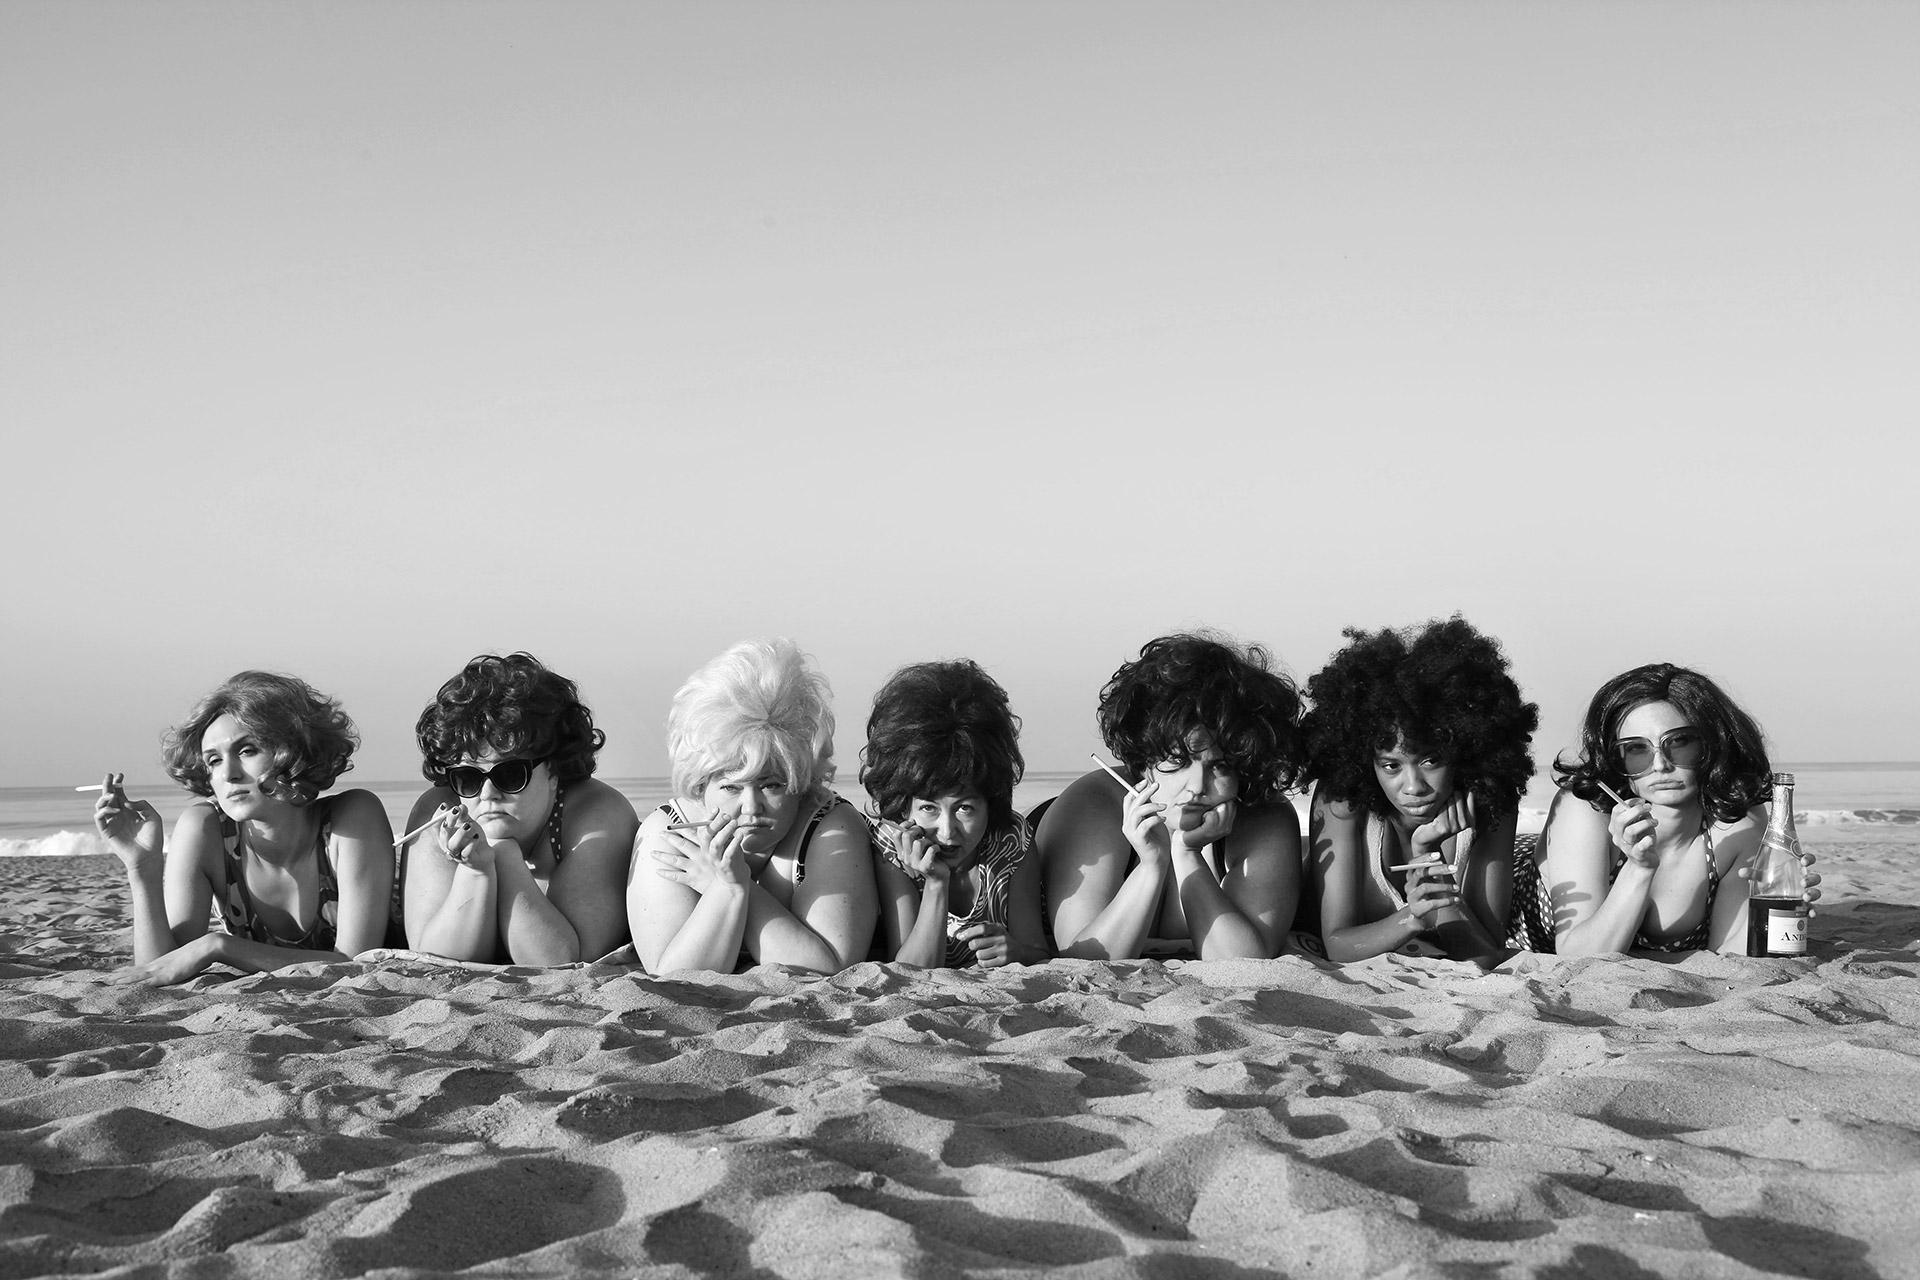 Sheila's Beach Party © Marjorie Salvaterra